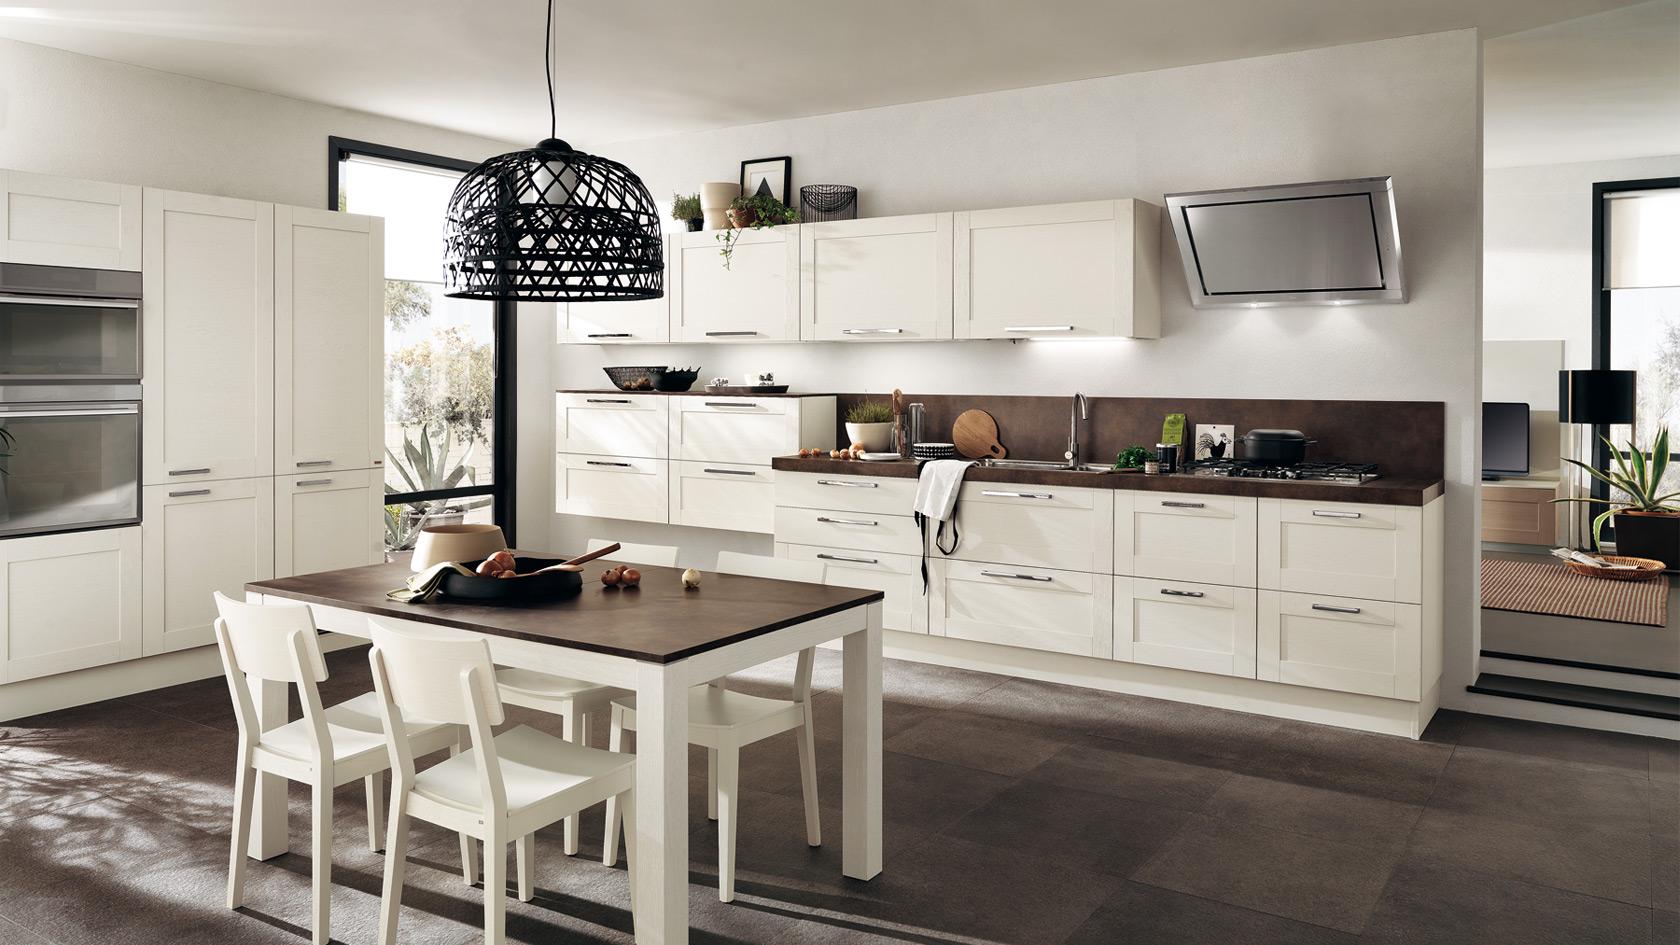 Ricambi cucine scavolini cucina berloni mod natura cucine a